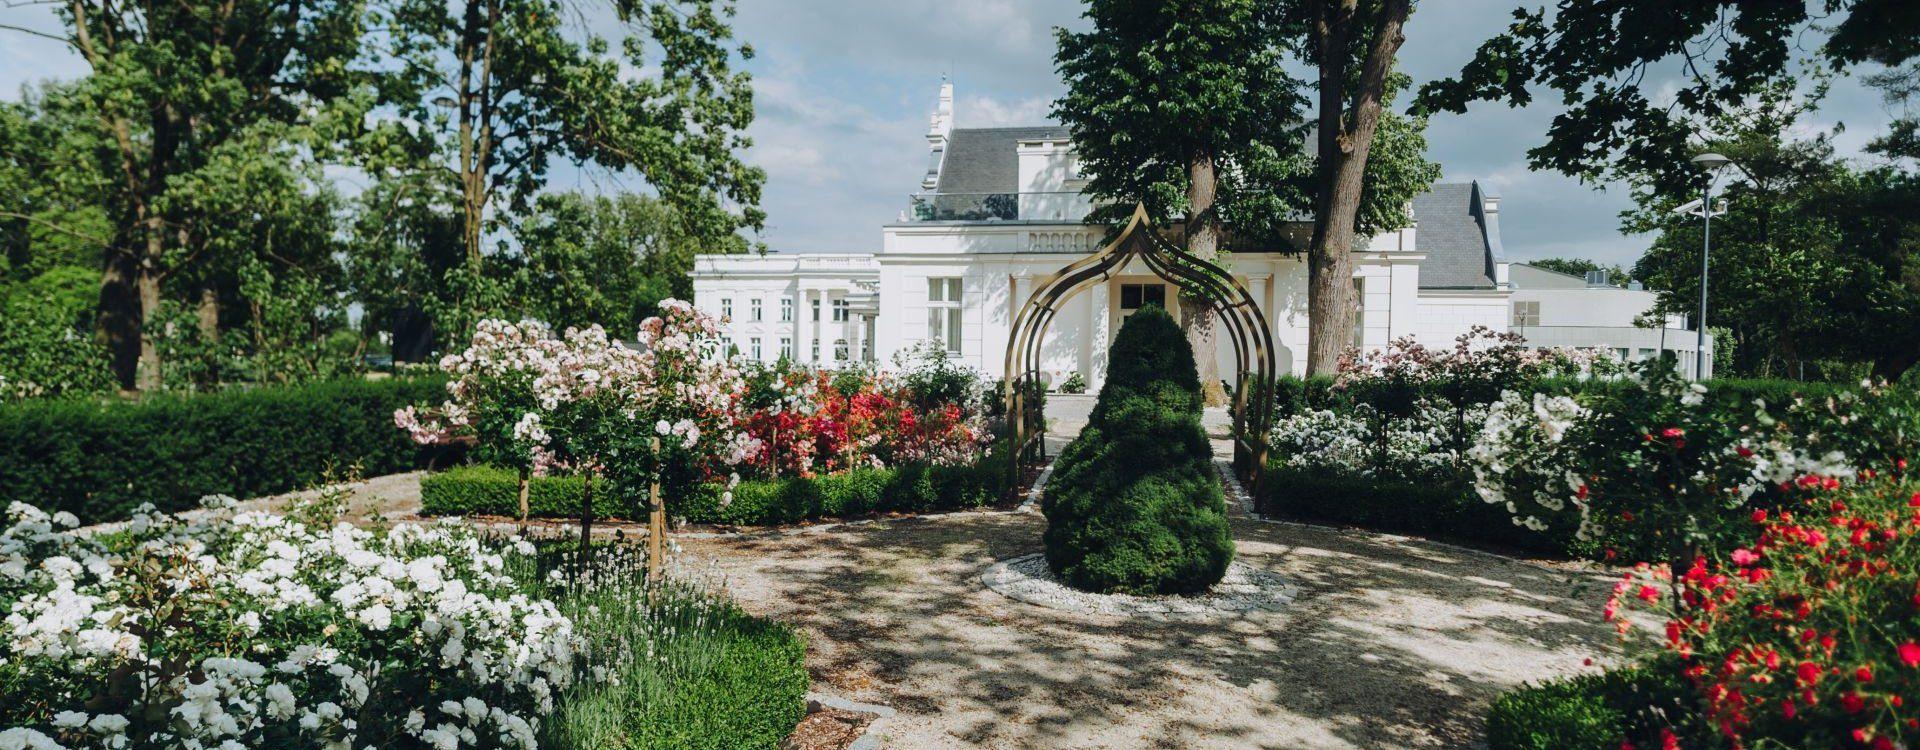 Pałac Romantyczny, Turzno